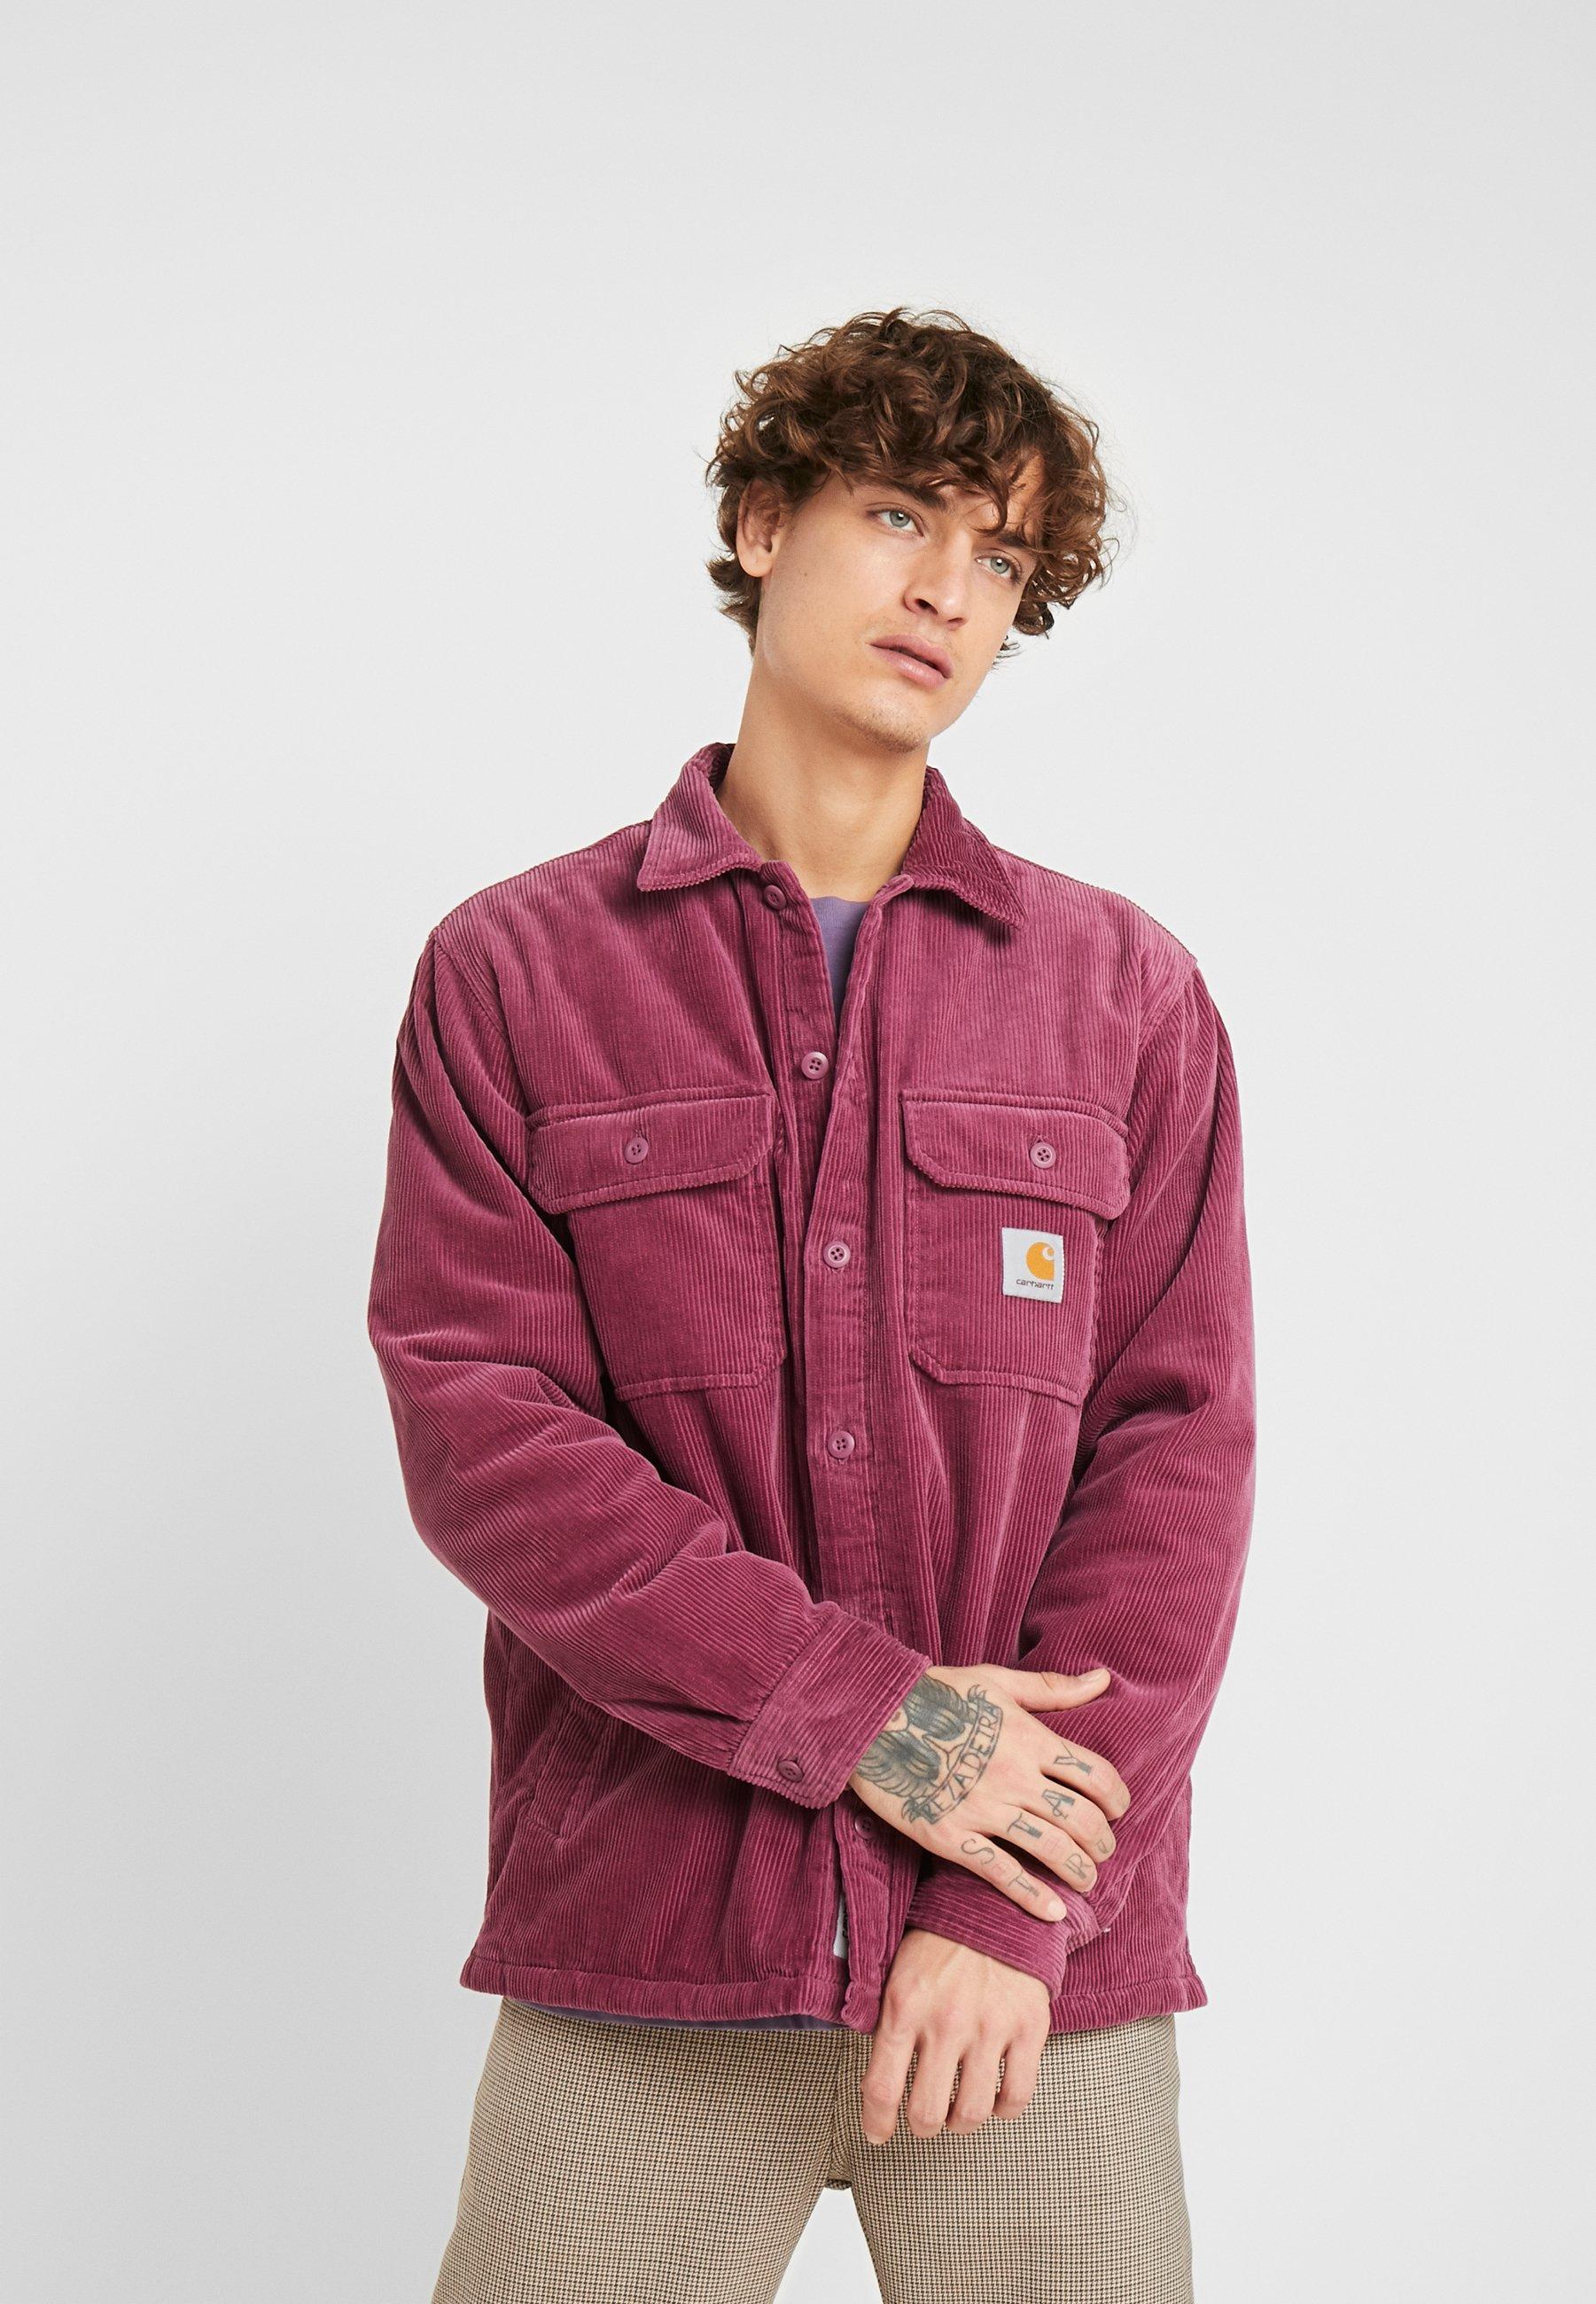 Netthandel Carhartt WIP Whitsome Shirt Cord Jakke hos Blue